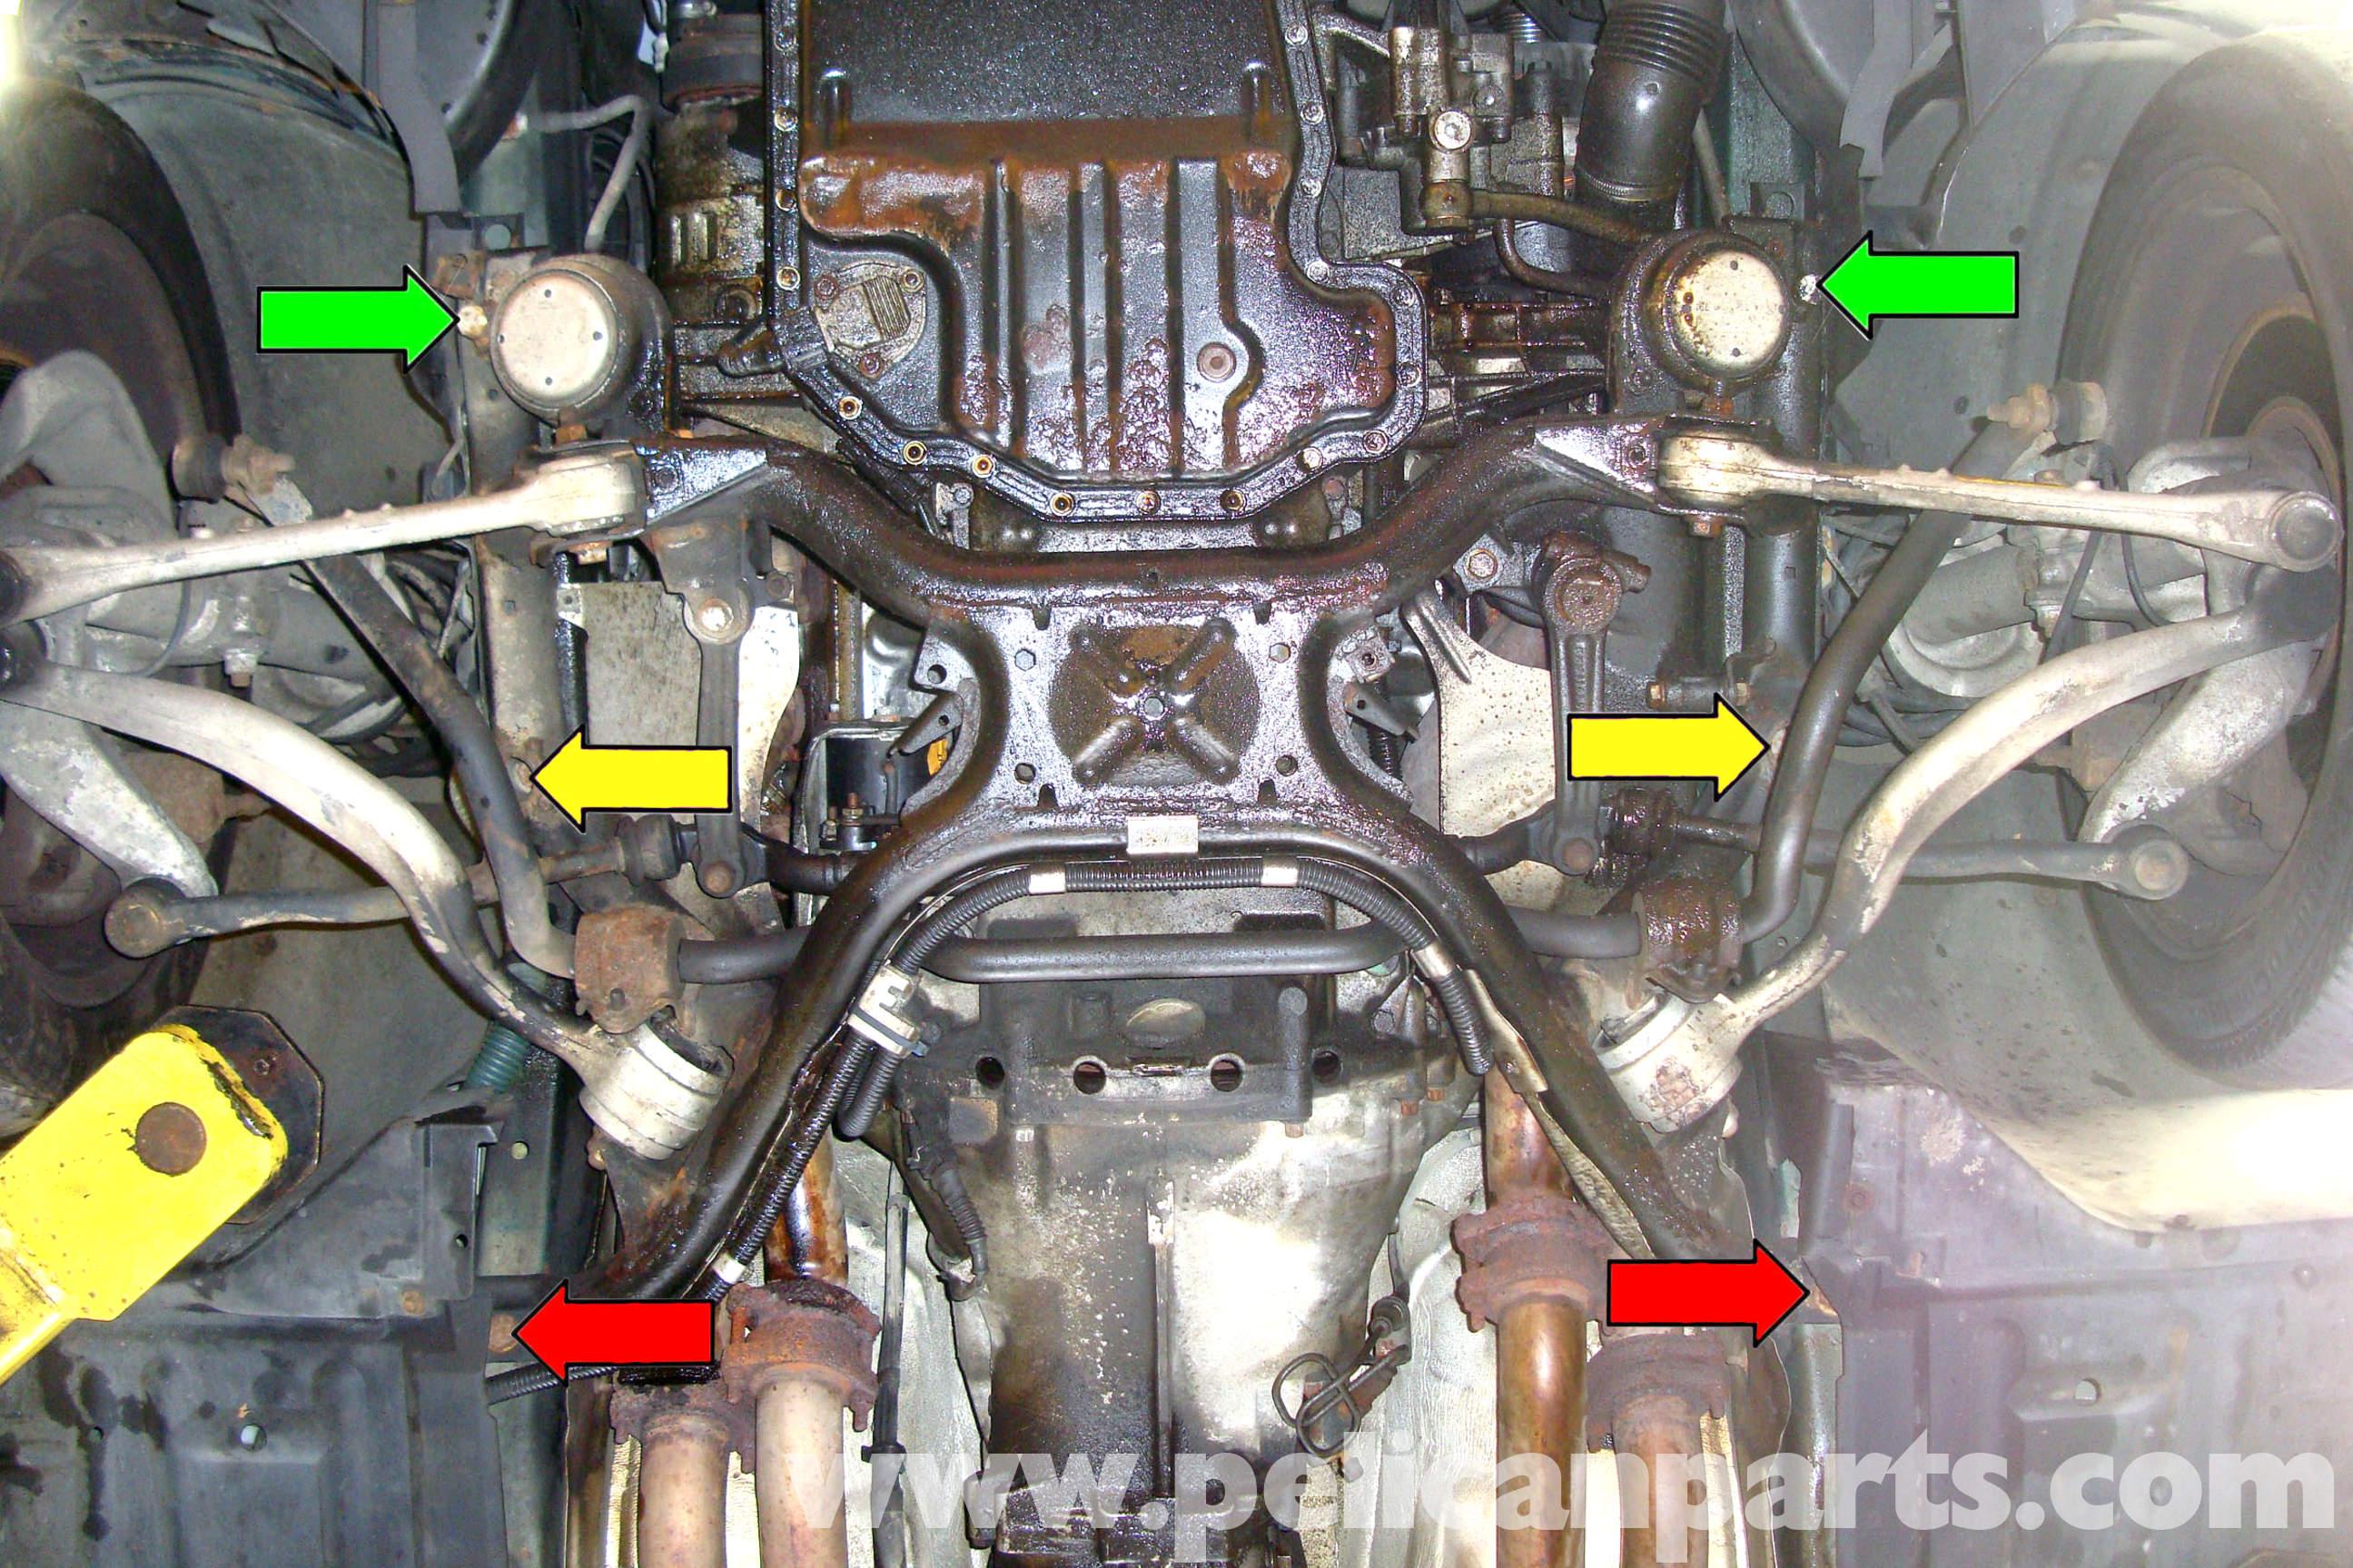 2003 Bmw Z4 Remove Dipstick From Oil Pan – Fondos de Pantalla